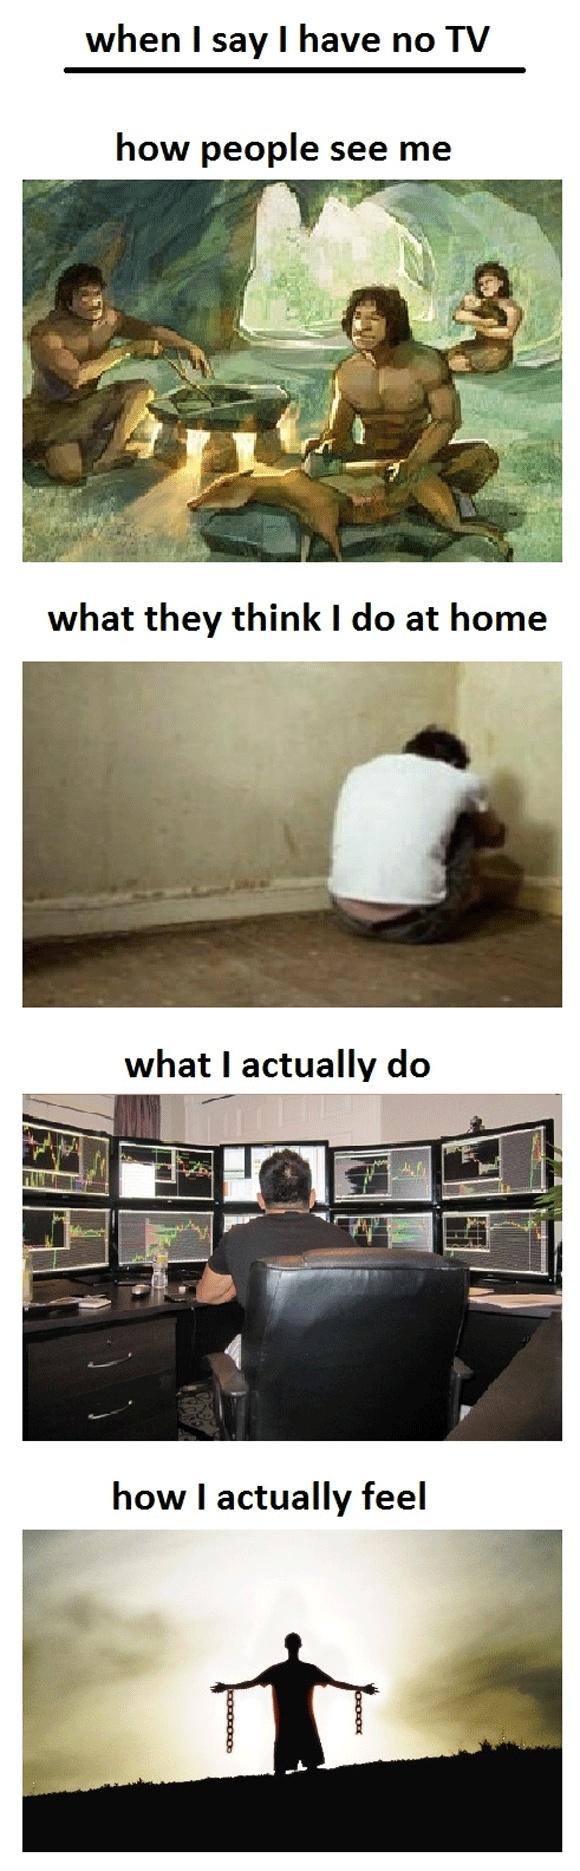 Who needs TV